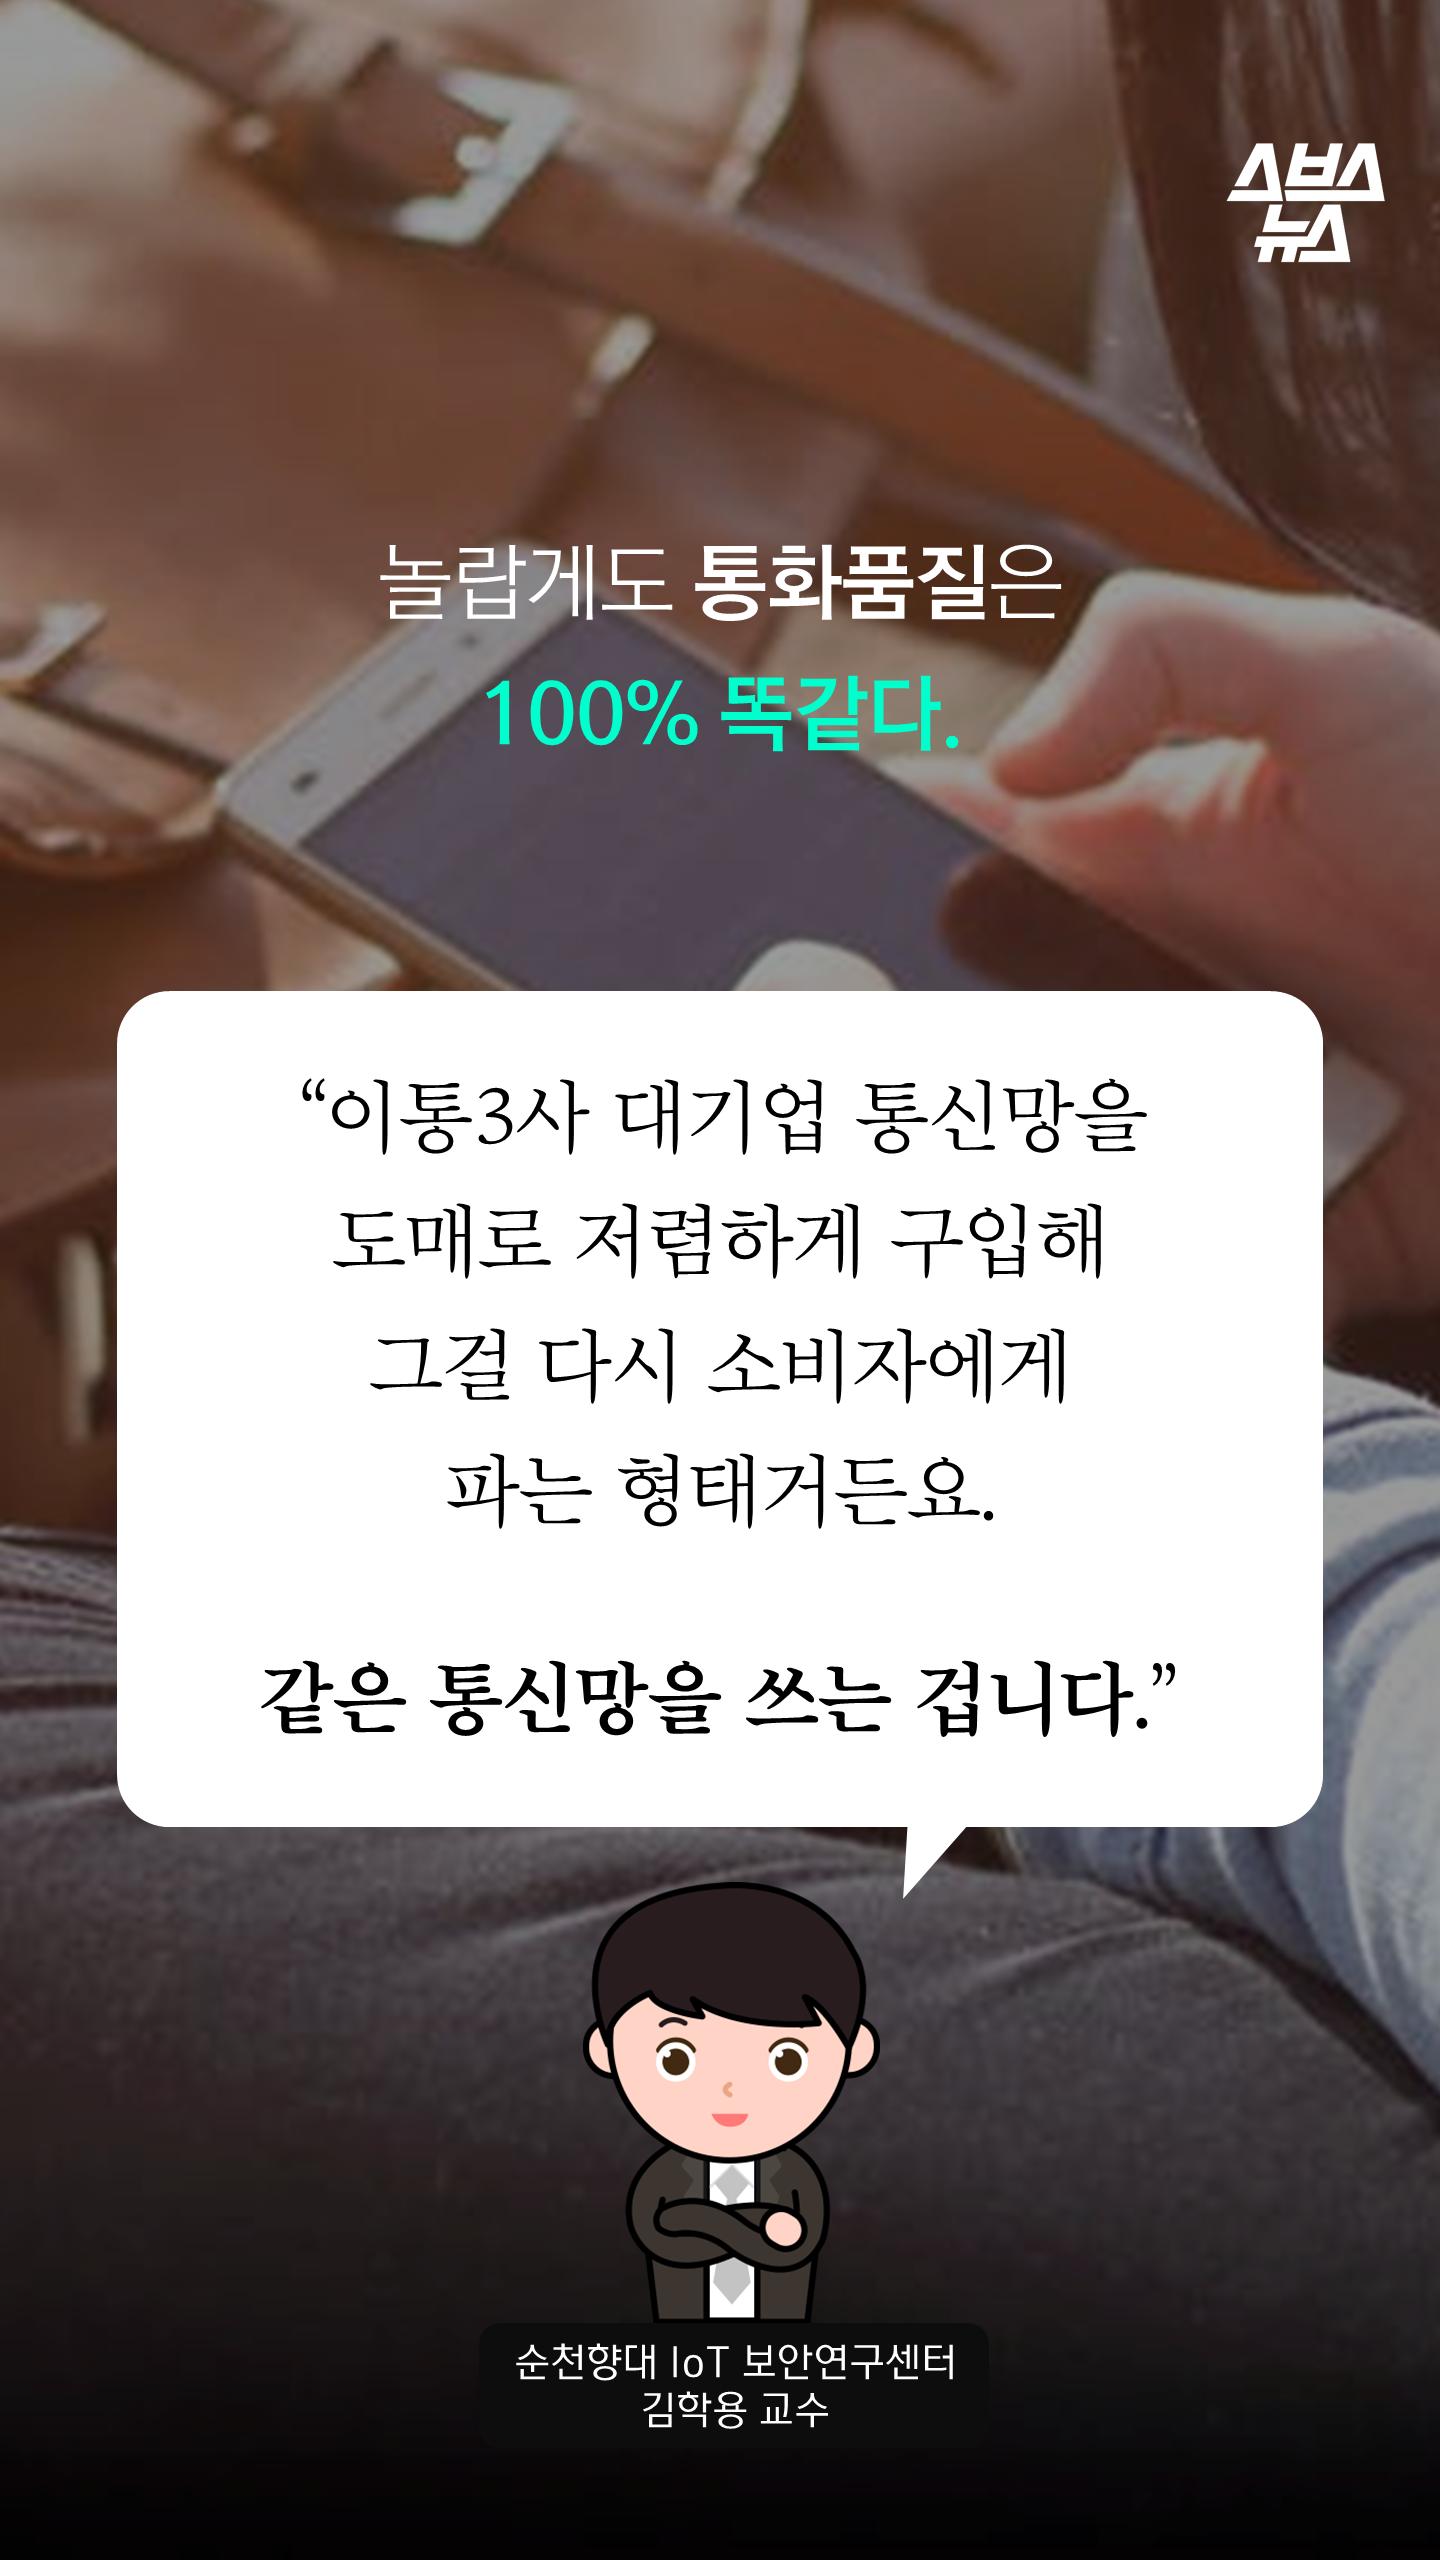 """놀랍게도 통화품질은100% 똑같다.""""이통3사 대기업 통신망을도매로 저렴하게 구입해그걸 다시 소비자에게파는 형태거든요.같은 통신망을 쓰는 겁니다.""""순천향대 IoT 보안연구센터김학용 교수"""